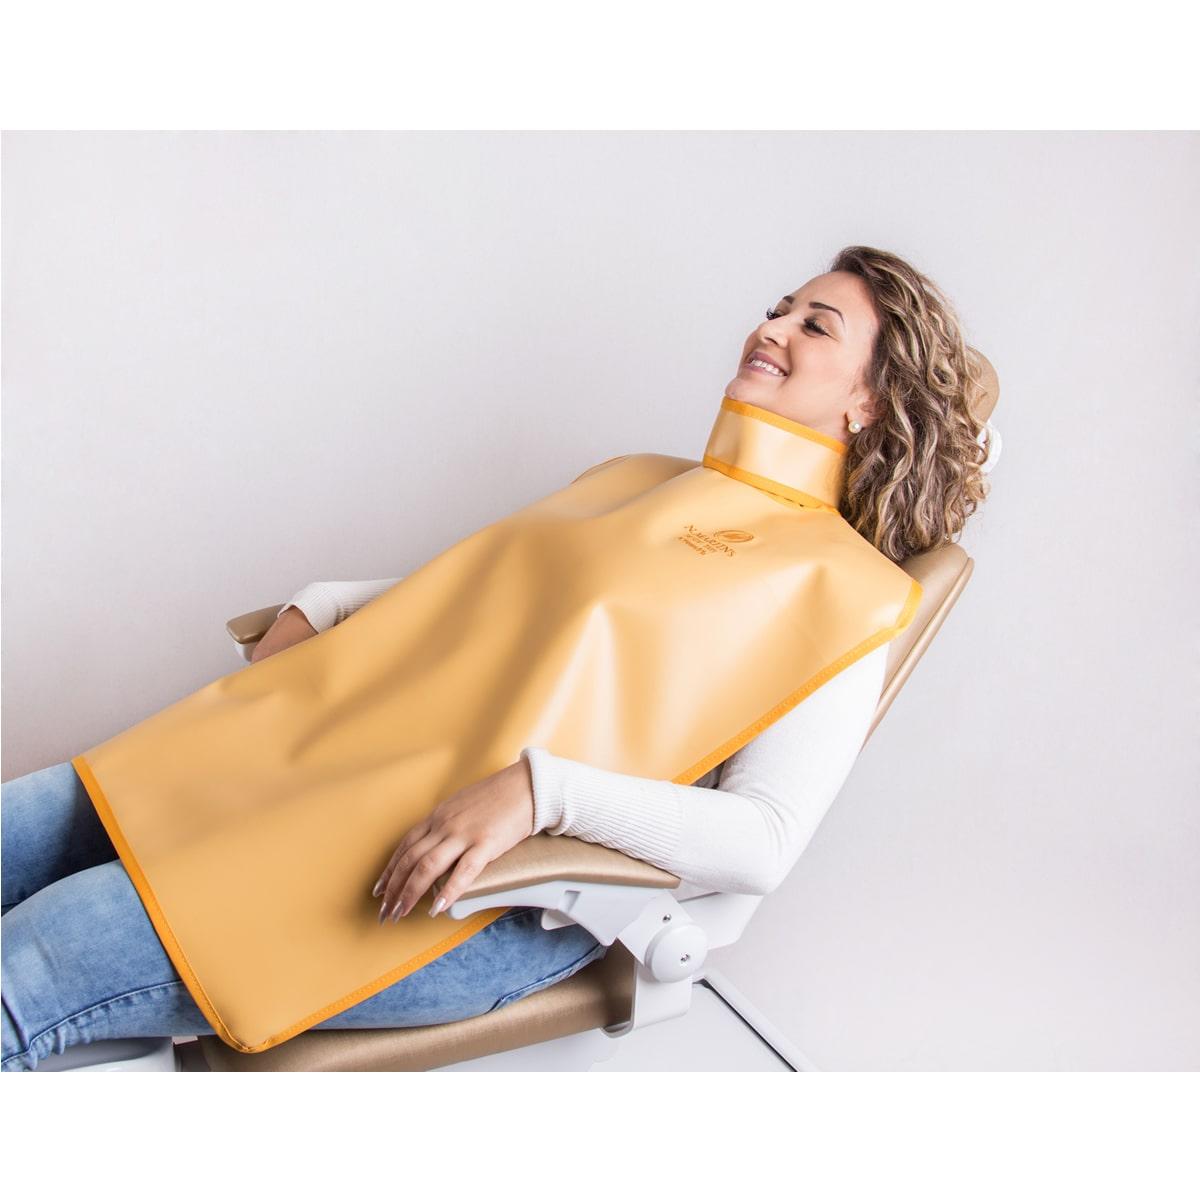 Avental Periapical com protetor de tireoide - 100x60cm - 0,25mm/Pb - N.Martins